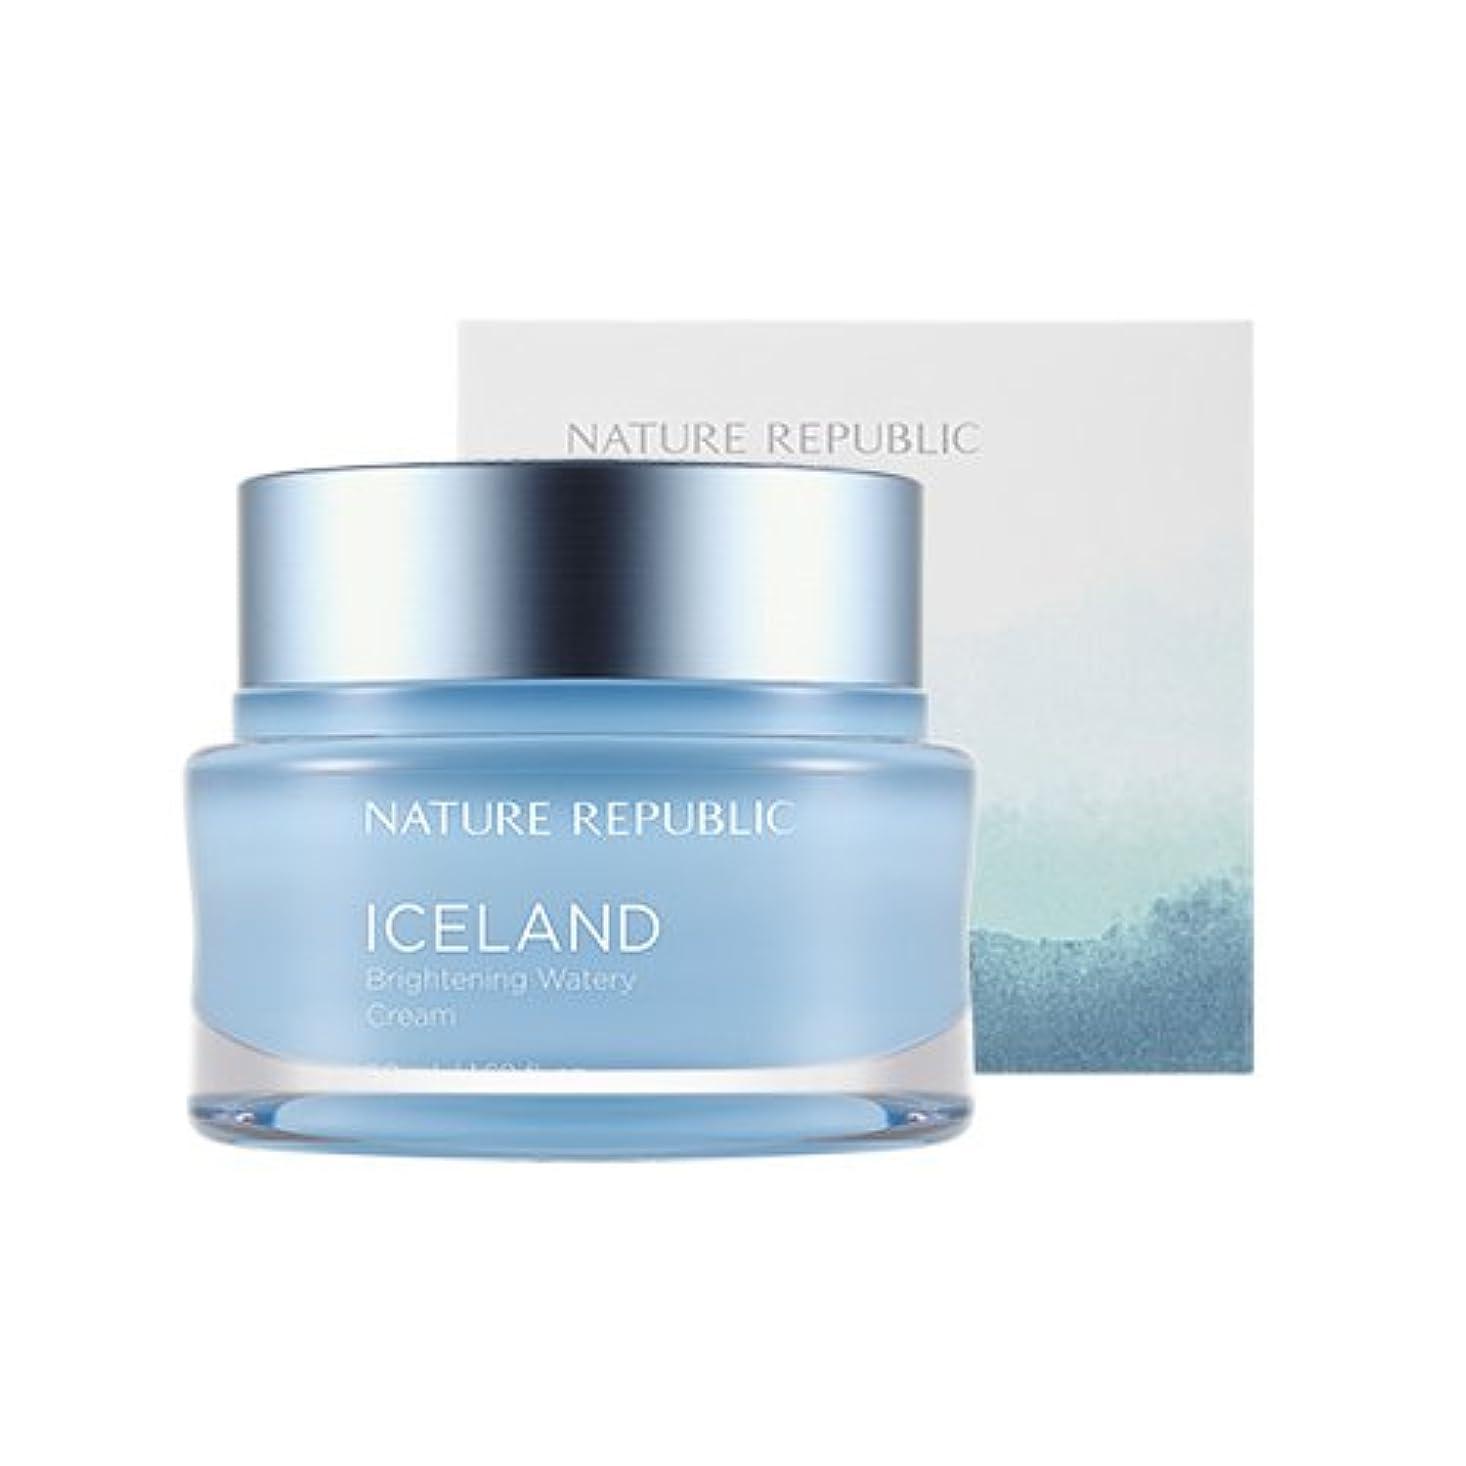 カストディアン振るうシェルNature Republic Iceland Brightening Watery Cream 50ml / ネイチャーリパブリック アイスランドランドブライトニング水分クリーム 50ml [並行輸入品]